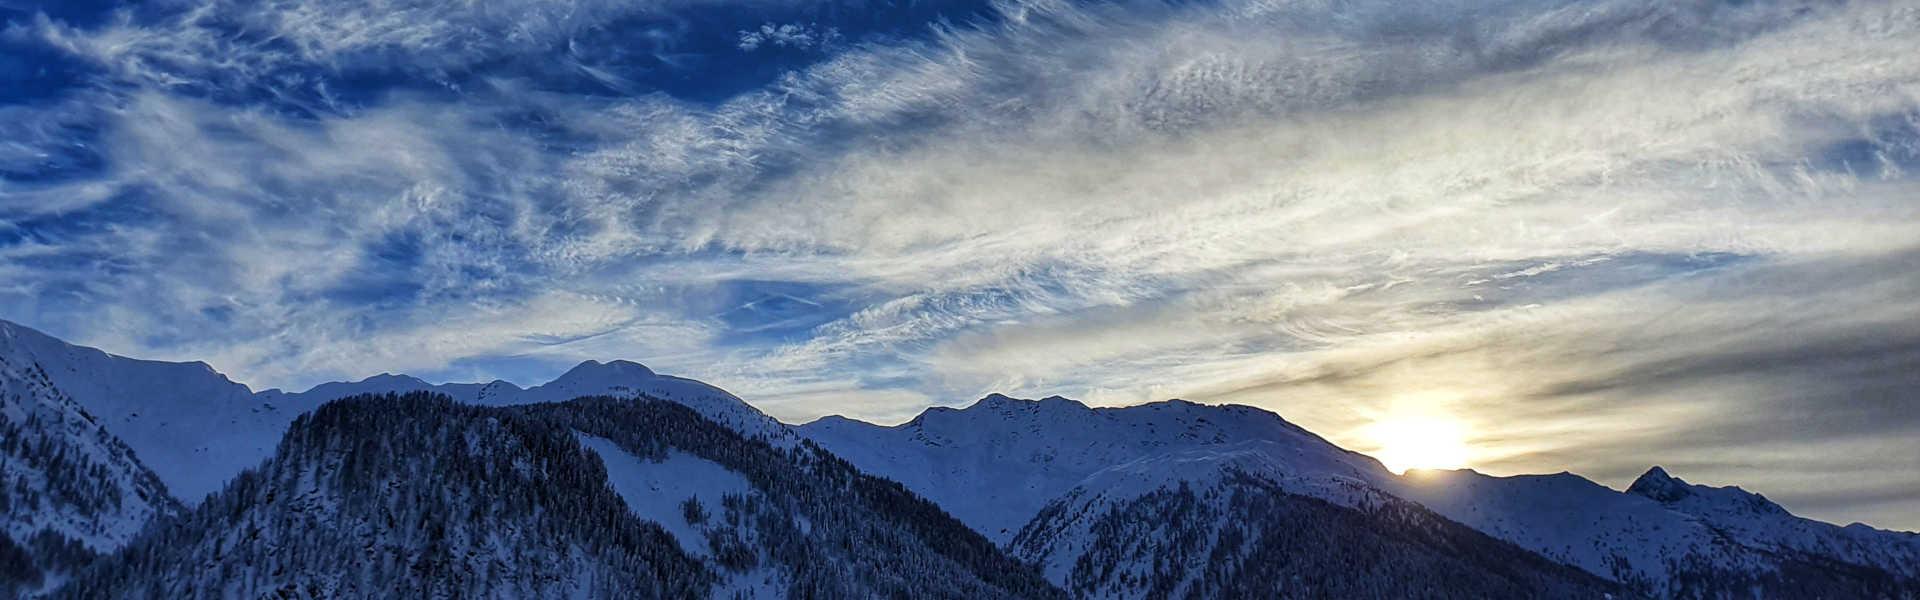 Freizeit - Winterfreizeit - Winterwandern - Headerbild1